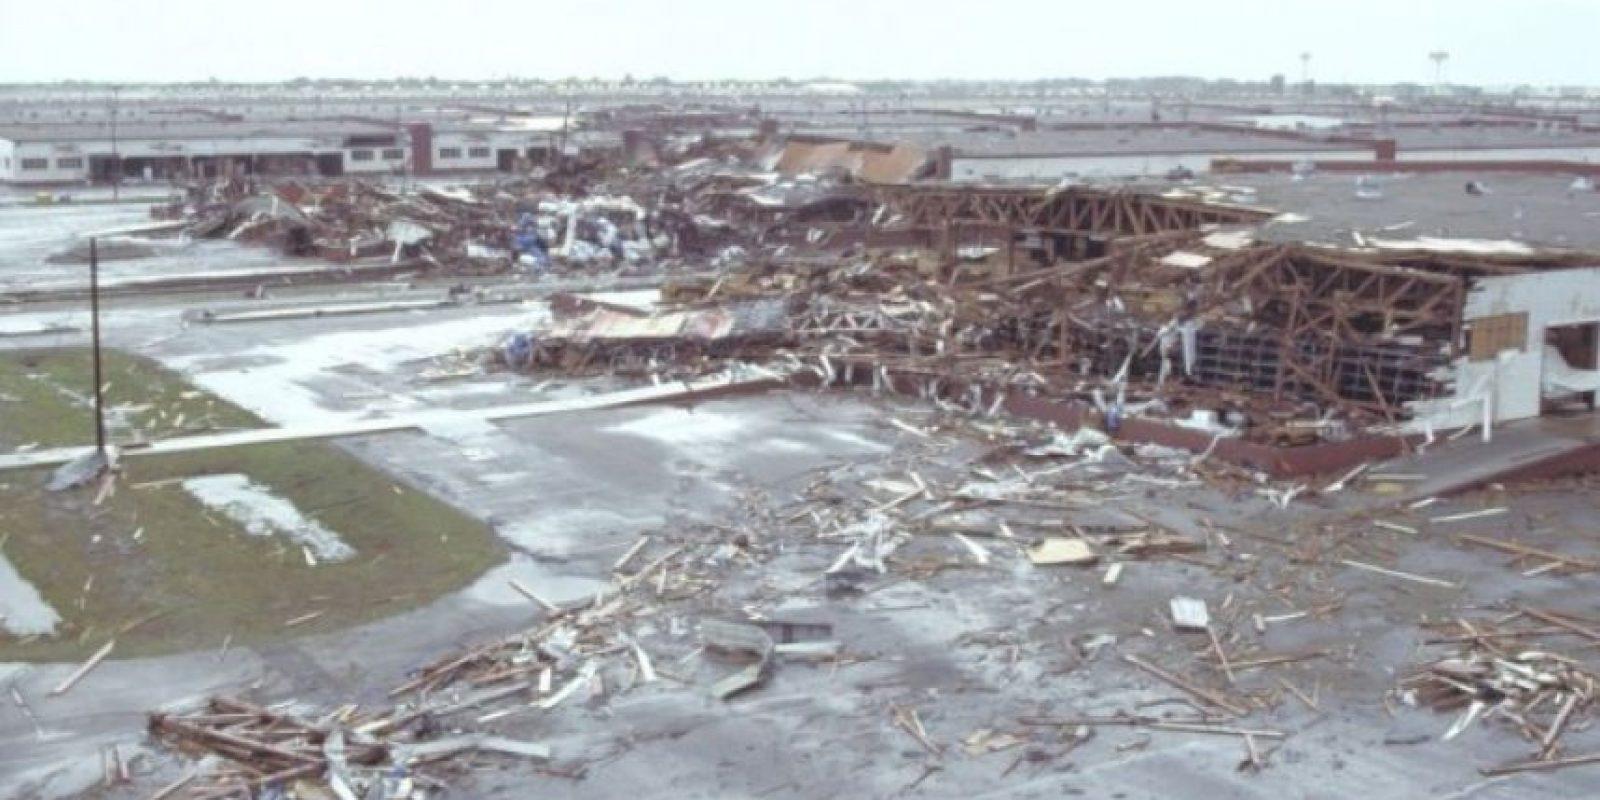 El Huracán Asesino o Gilbert. Este ciclón golpeó durante 9 días el Caribe y el Golfo de México en septiembre de 1988. Los muertos fueron 341 muertos, la mayoría en Mexico y cinco mil 500 billones de dólares en pérdidas. Foto:Wikimedia Commons